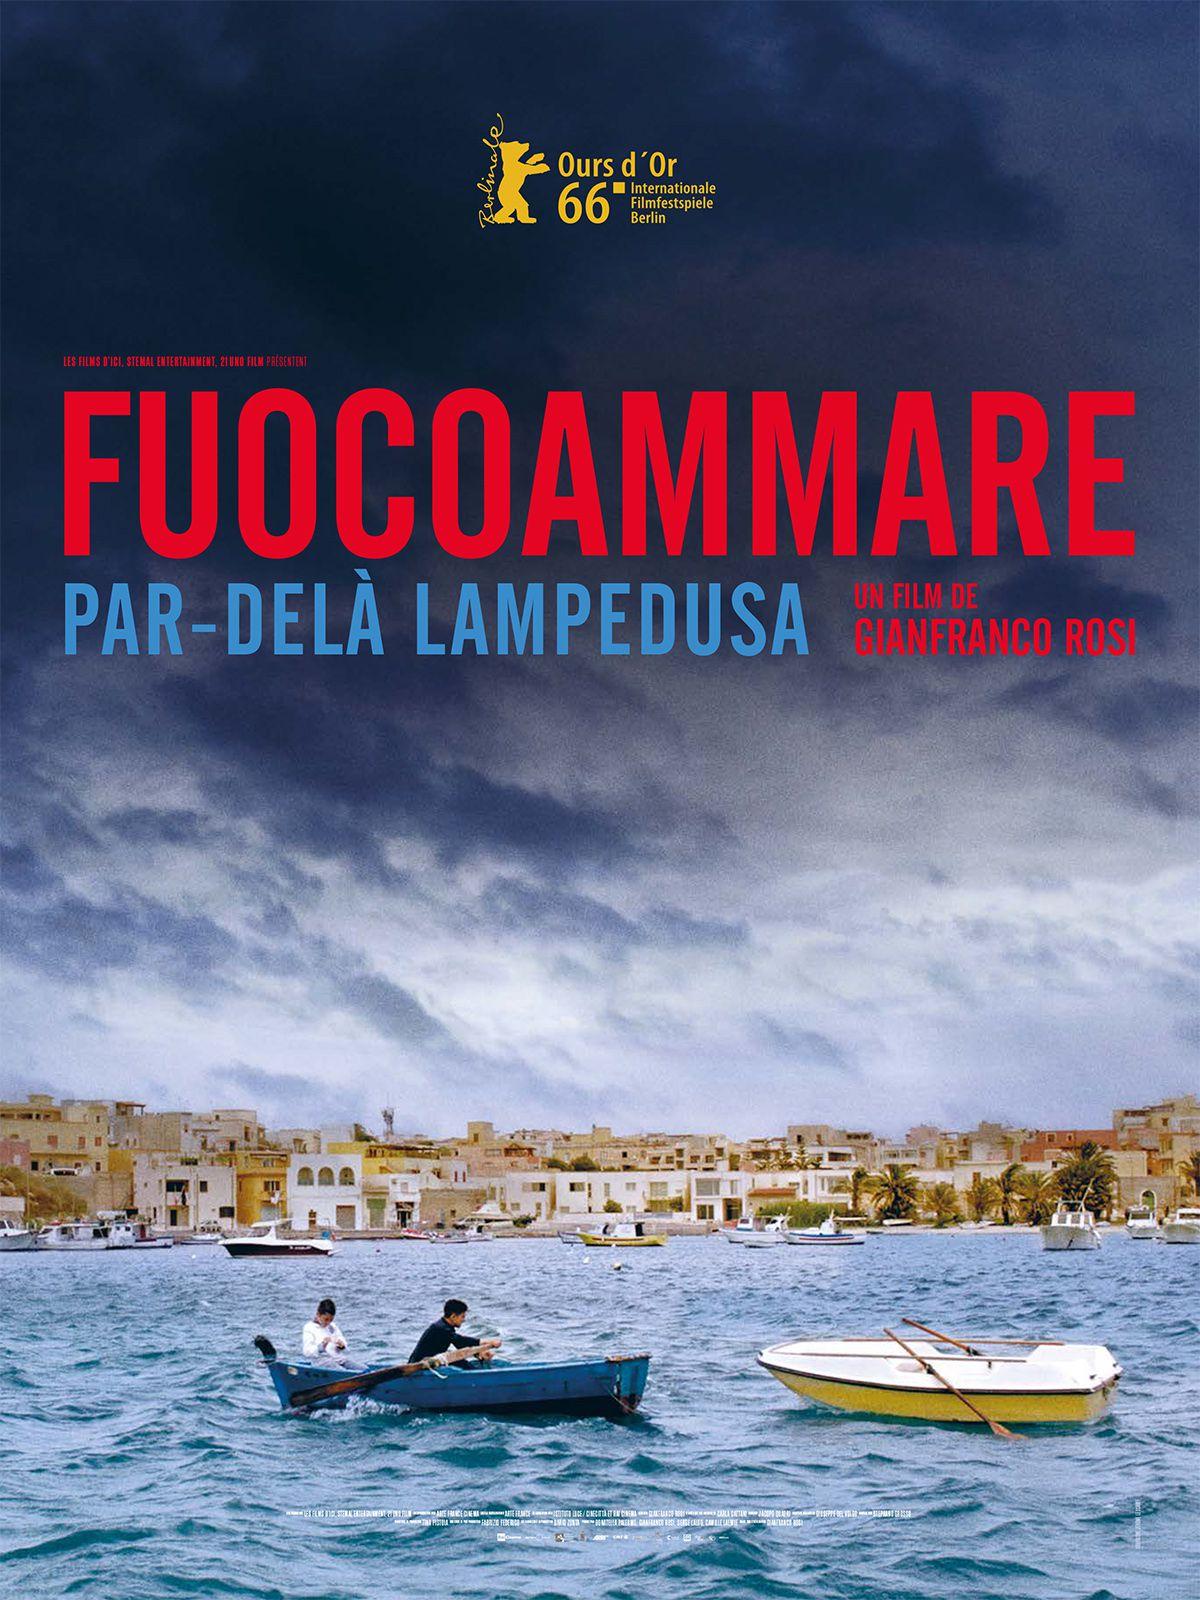 Fuocoammare, par-delà Lampedusa - Documentaire (2016)